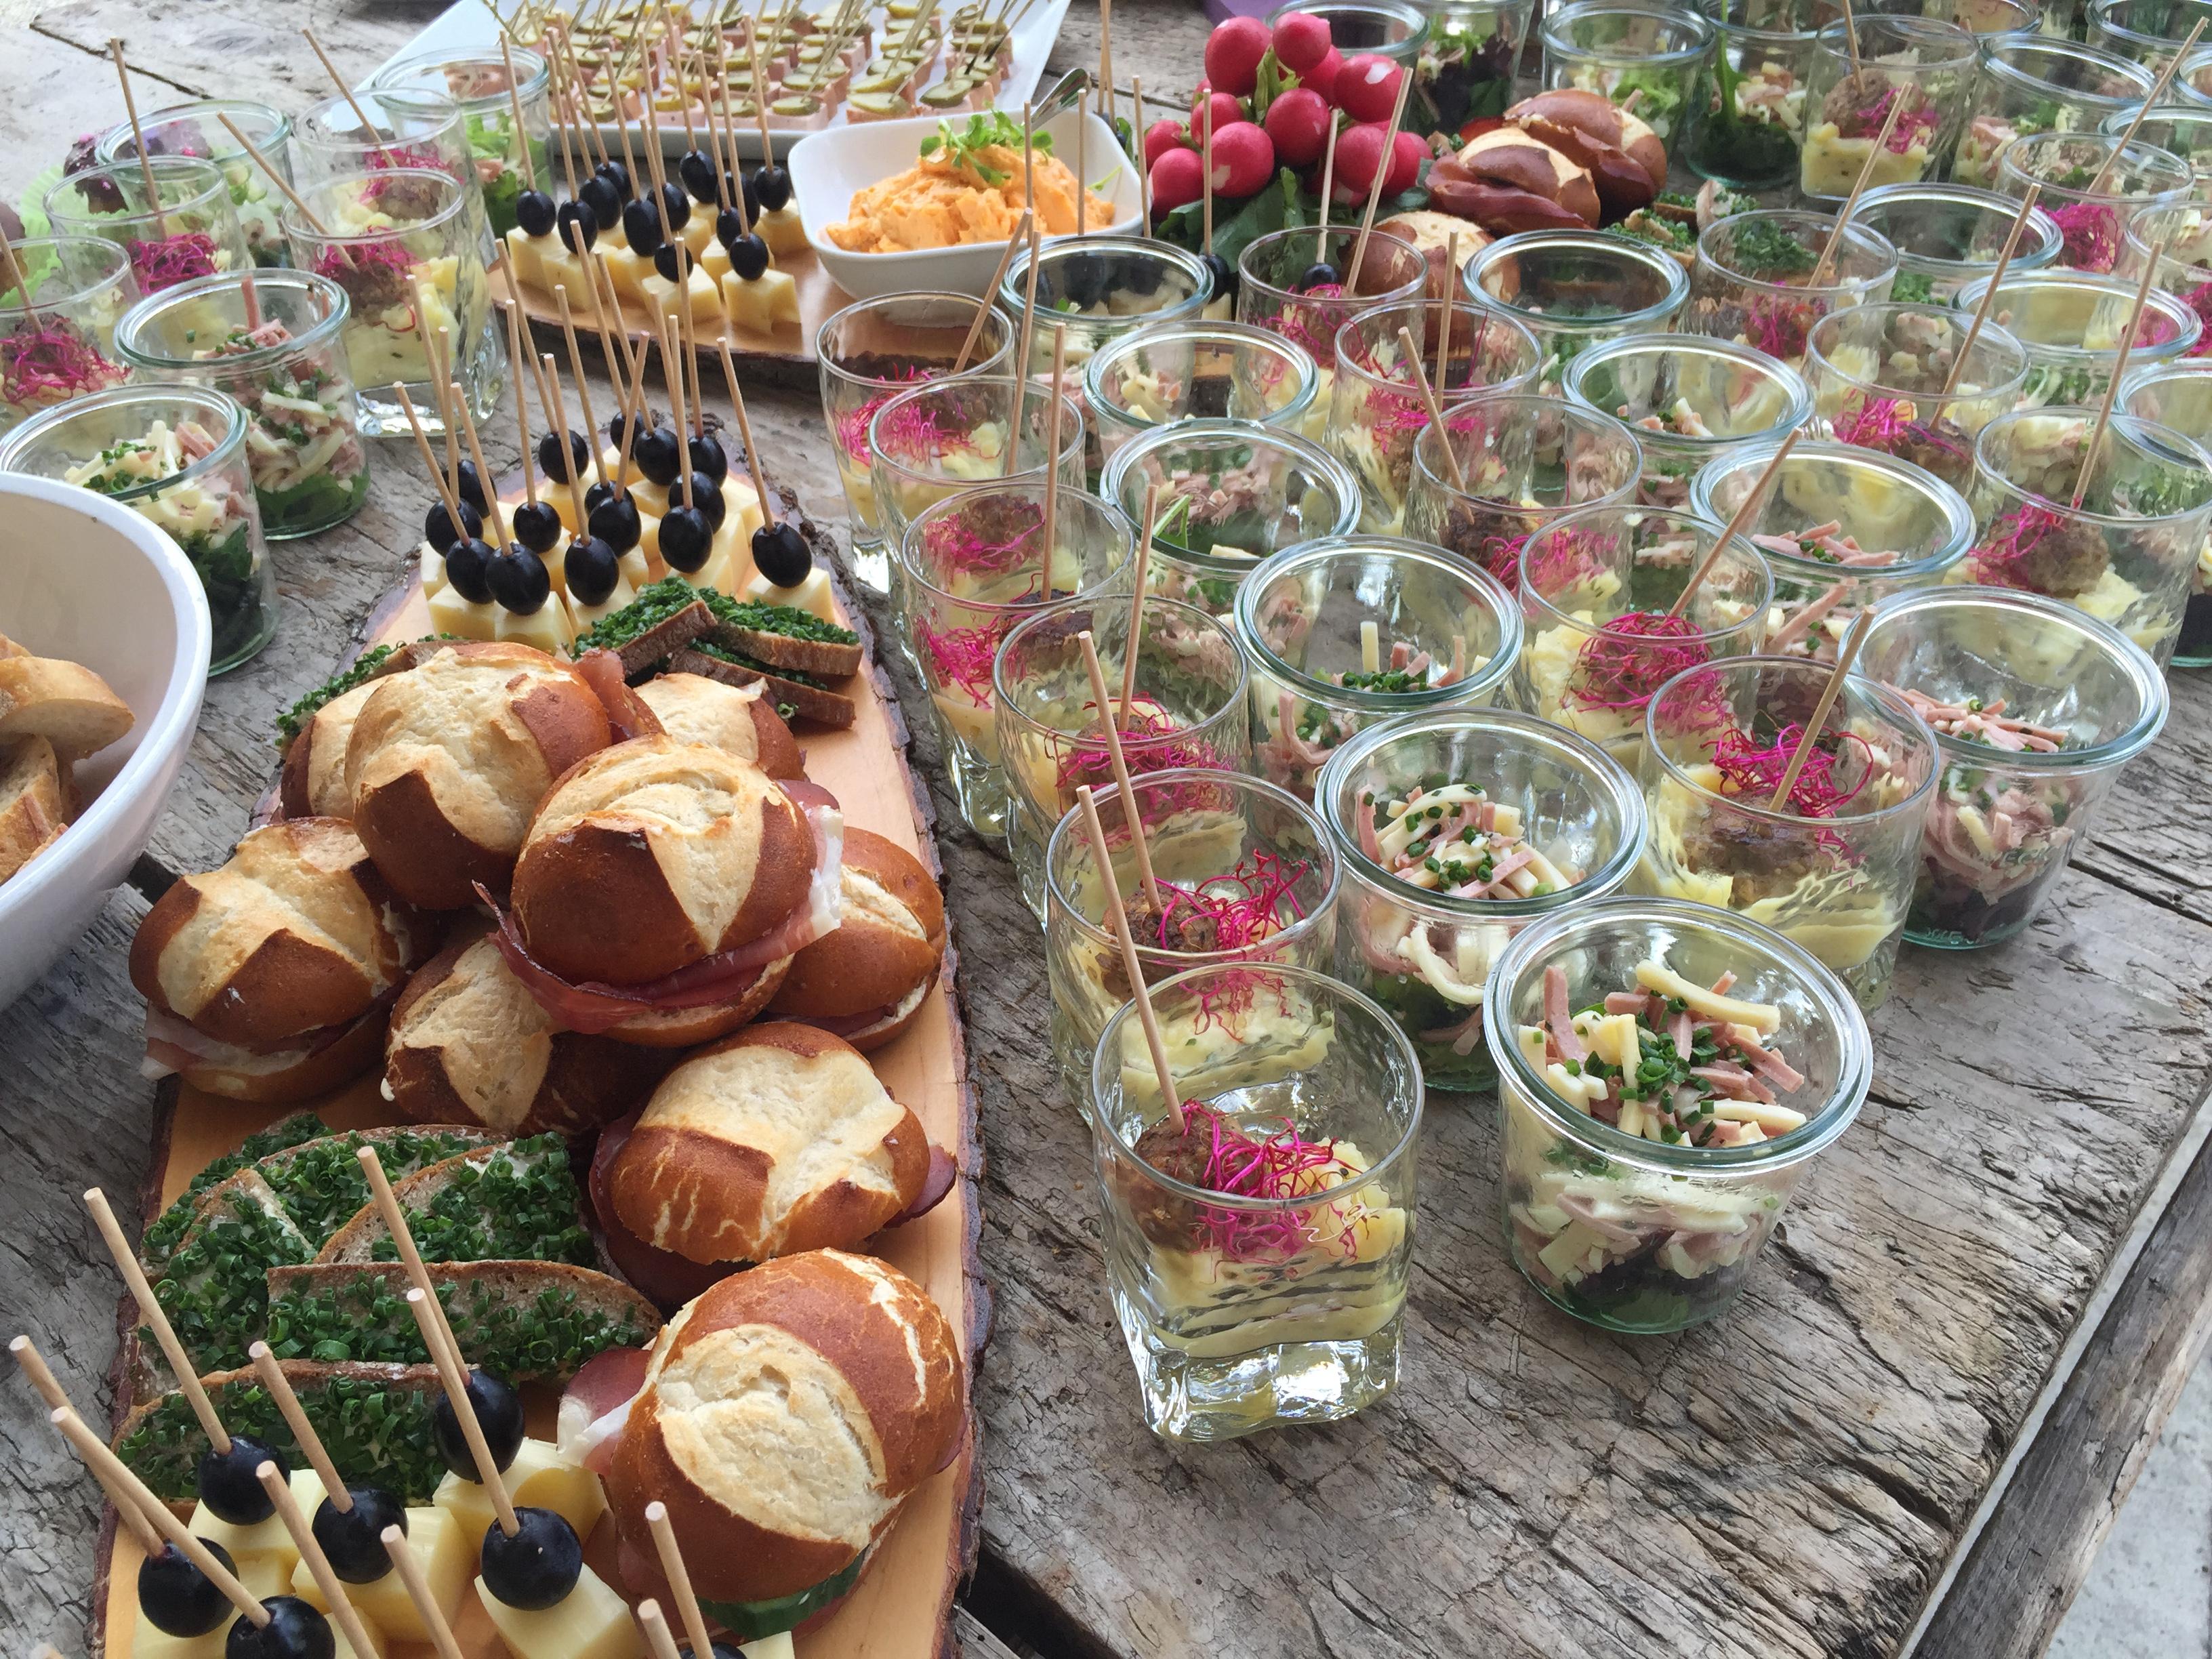 bayrisches buffet gaumenschmaus catering und events gaumenschmaus catering events. Black Bedroom Furniture Sets. Home Design Ideas